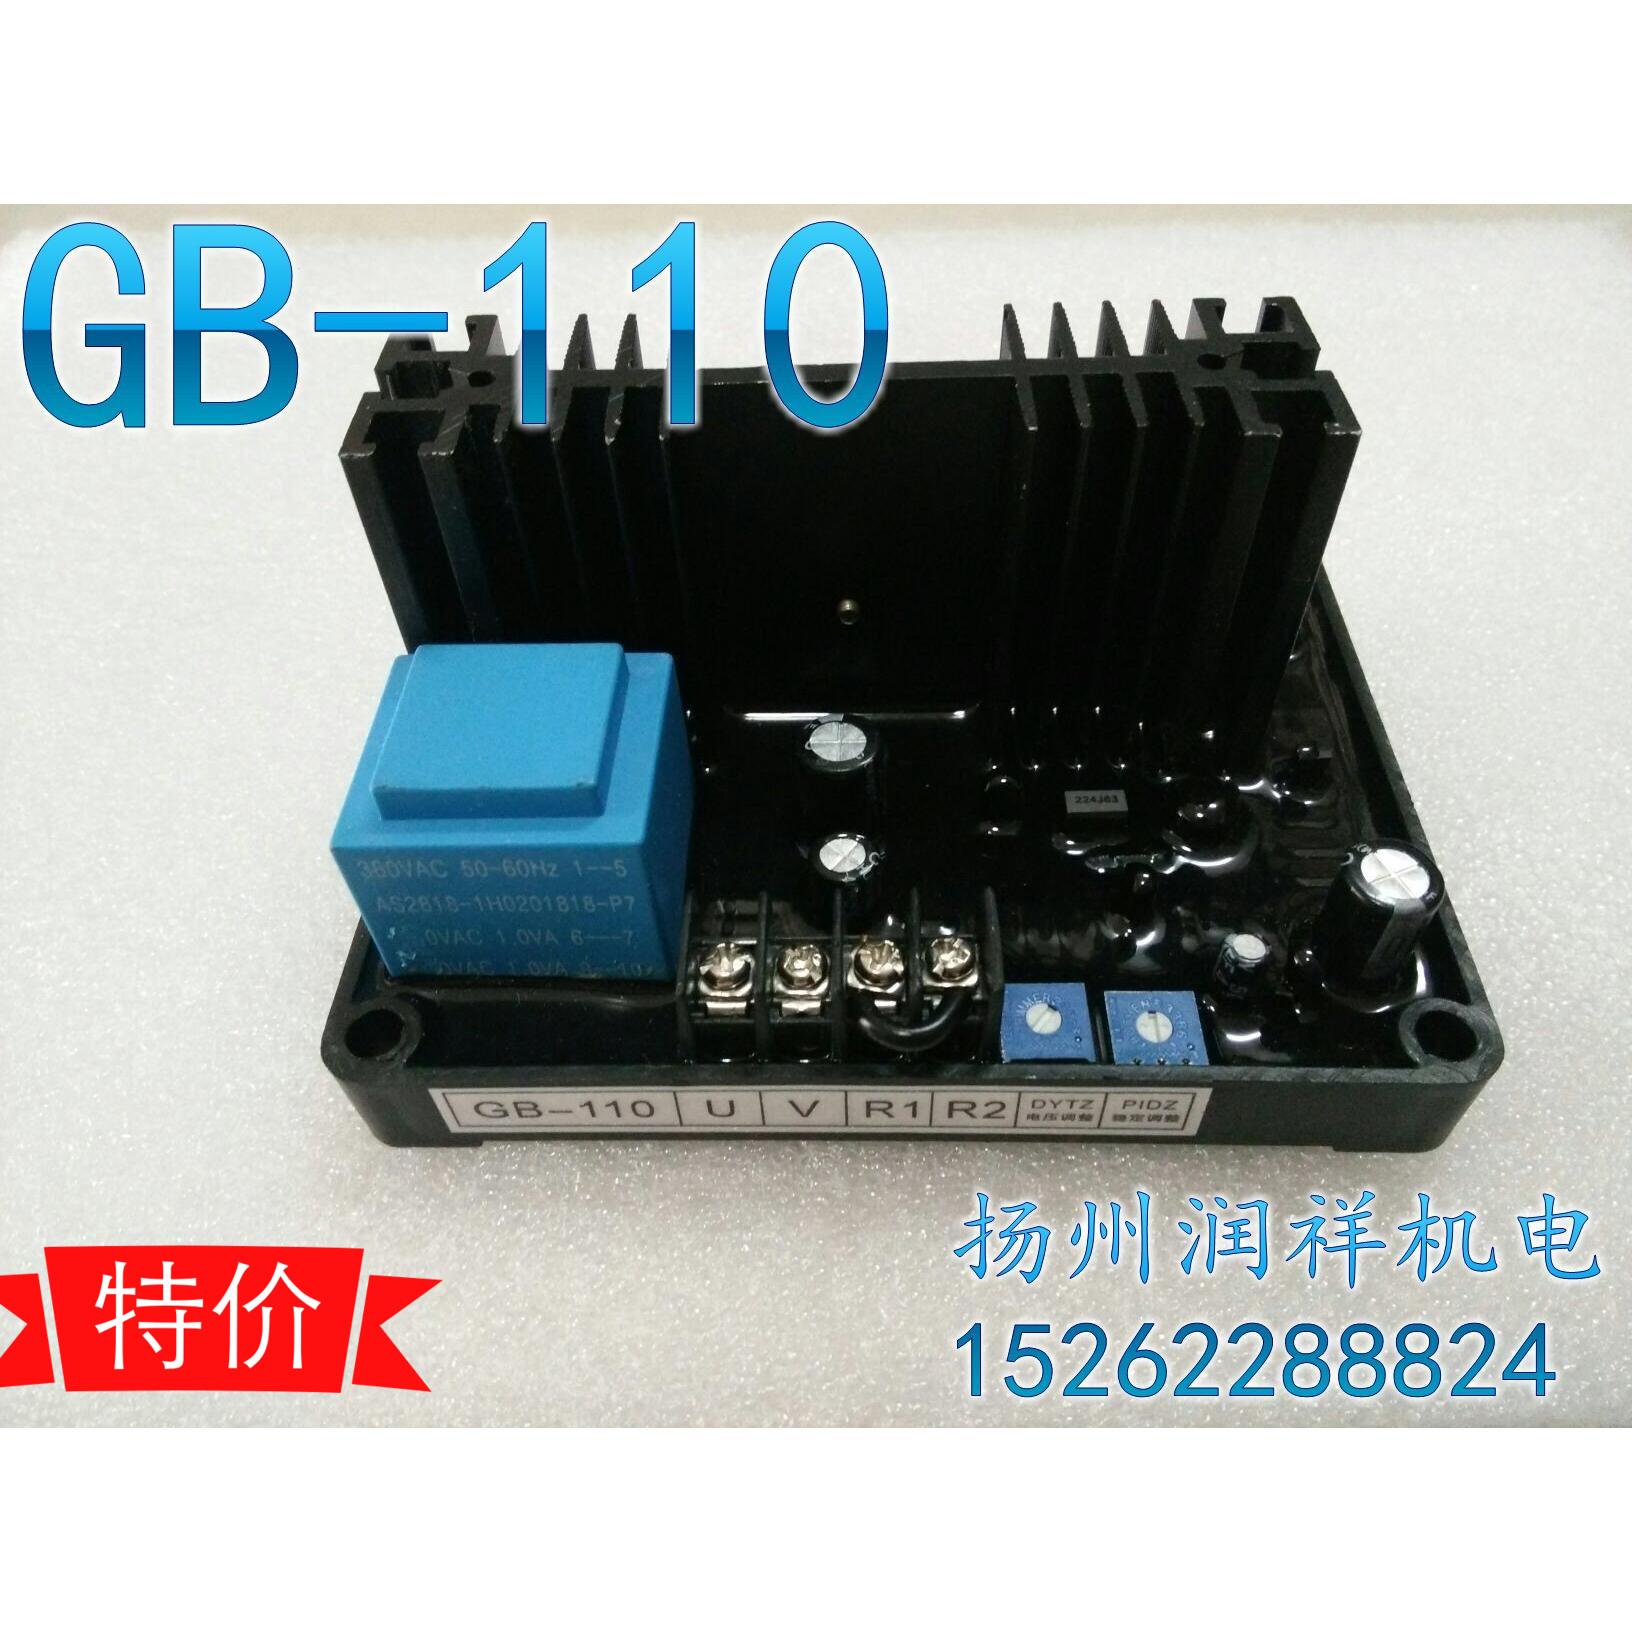 GB-110 Hui Shanghai cepillo compuesto de generadores de fase de Regulación automática de la presión GB110AVR regulador